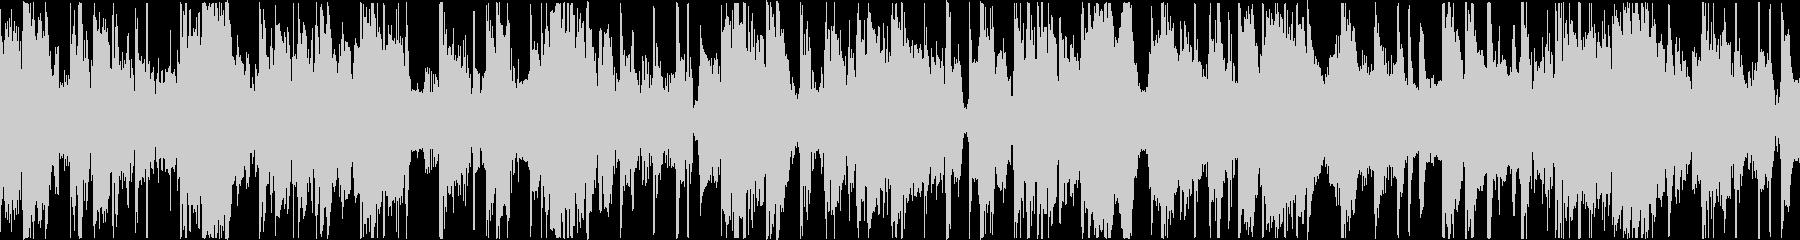 心地よいベース音のファンクトラックの未再生の波形